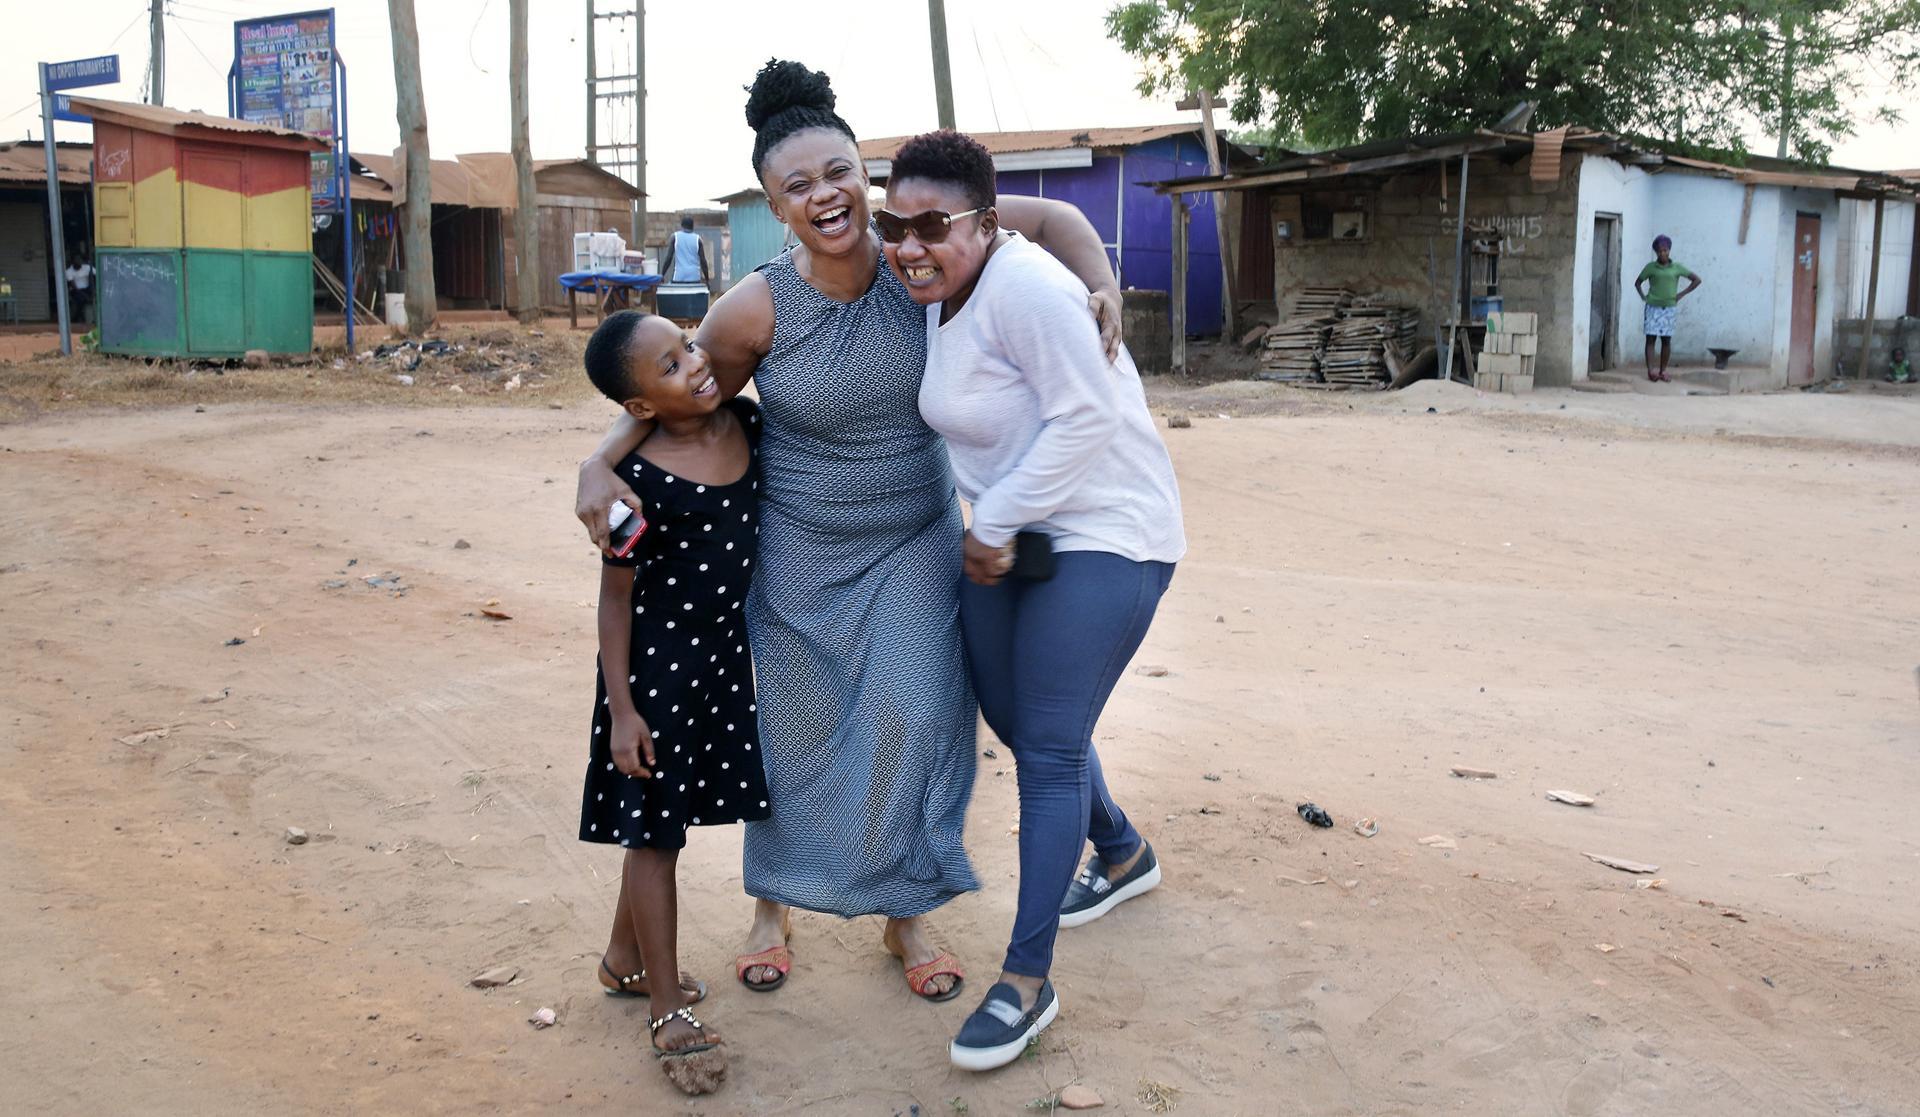 les États - unis ont un énorme besoin de de de soins de santé à domicile, et de nombreux du ghana ne 752a6f